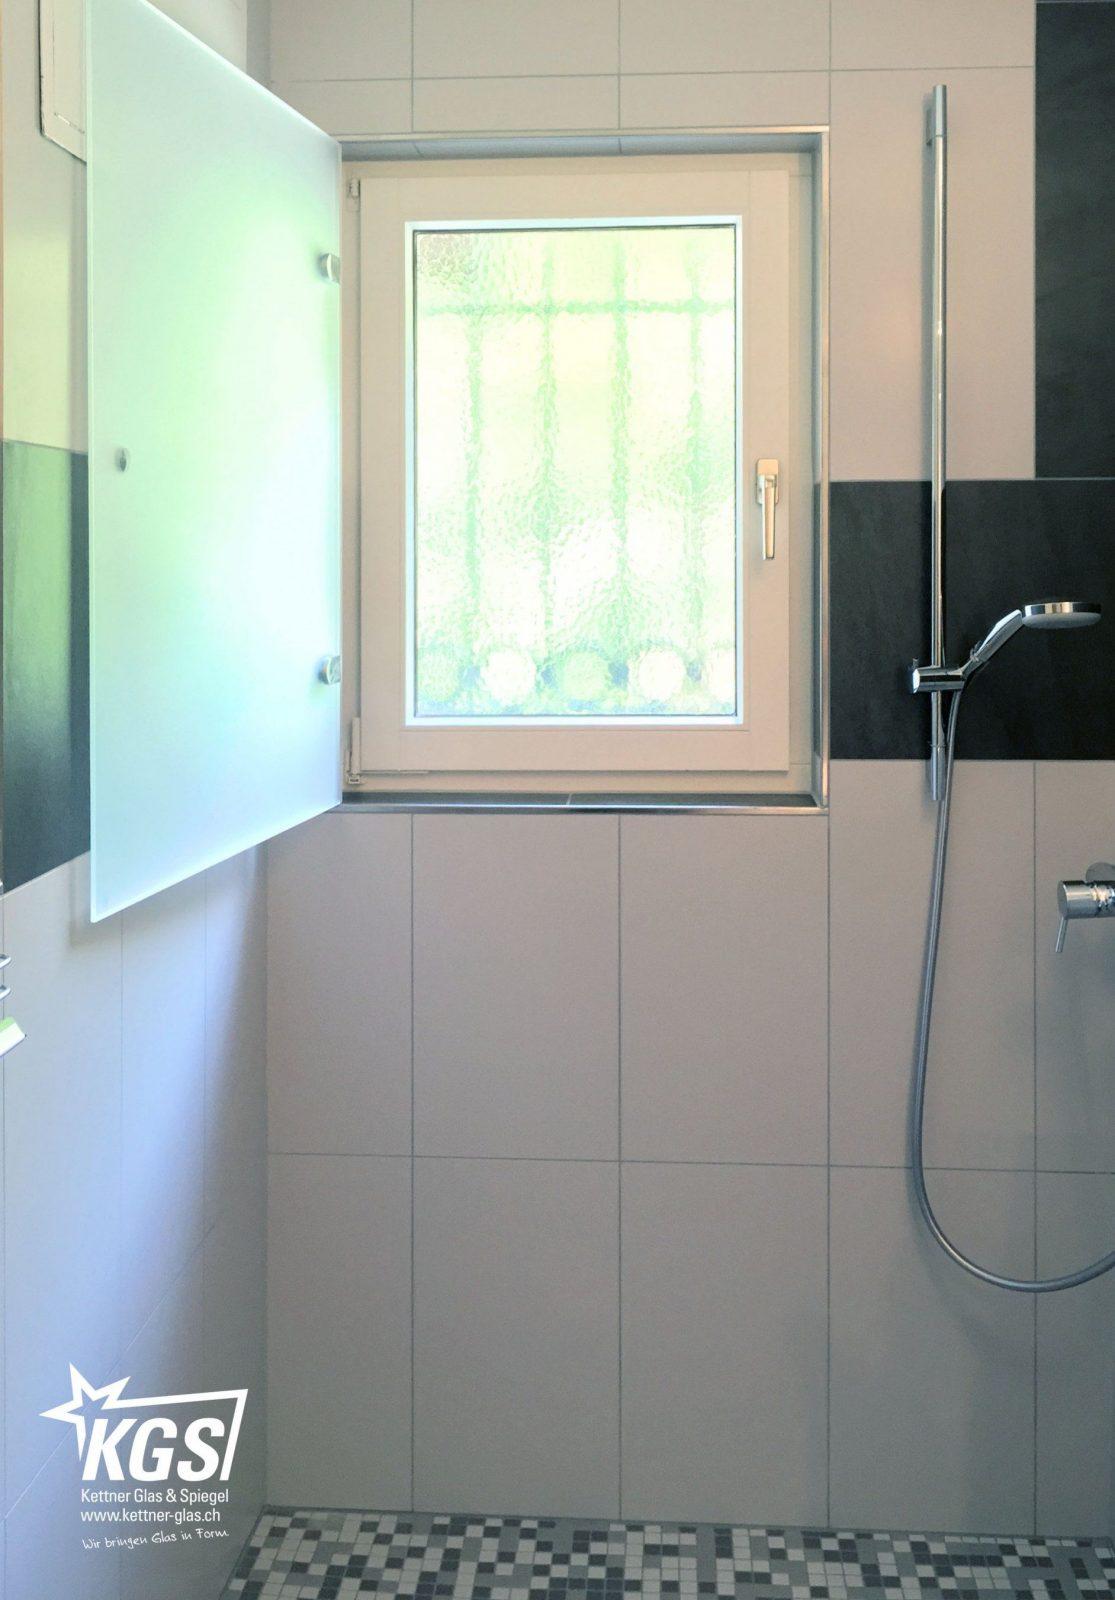 Luxus Bodengleiche Dusche Nachträglich Einbauen Kosten – Cblonline von Bodengleiche Dusche Nachträglich Einbauen Kosten Photo